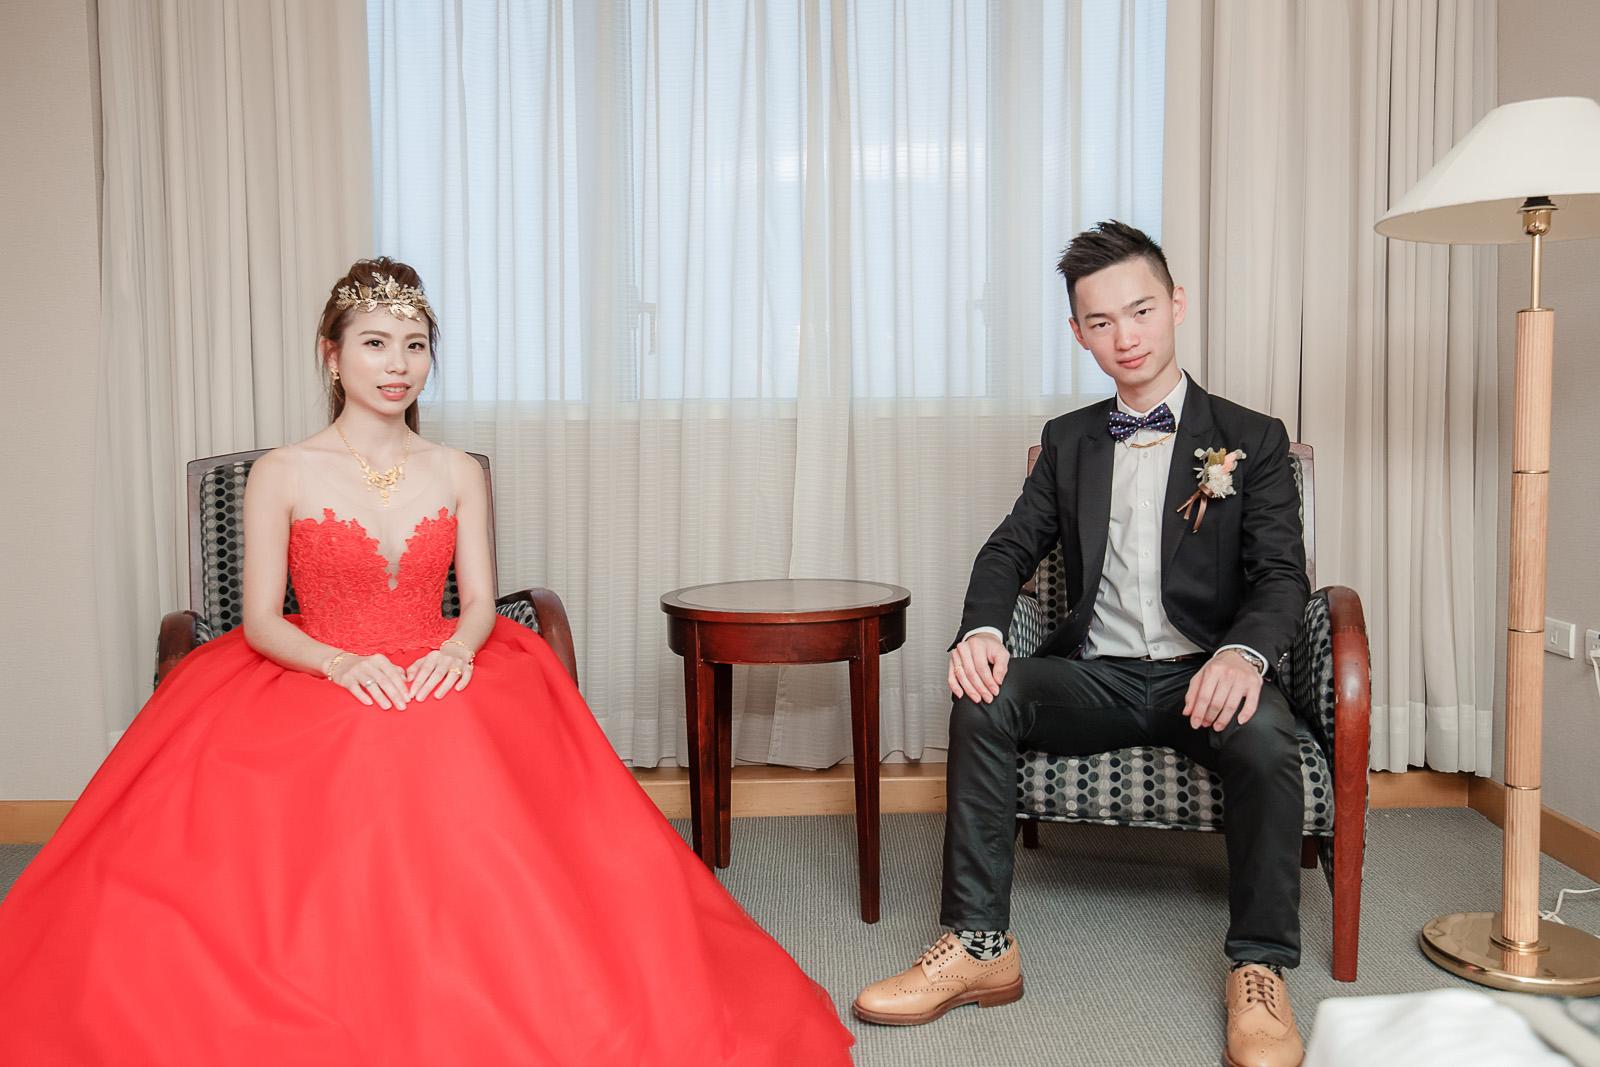 高雄圓山飯店,婚禮攝影,婚攝,高雄婚攝,優質婚攝推薦,Jen&Ethan-054